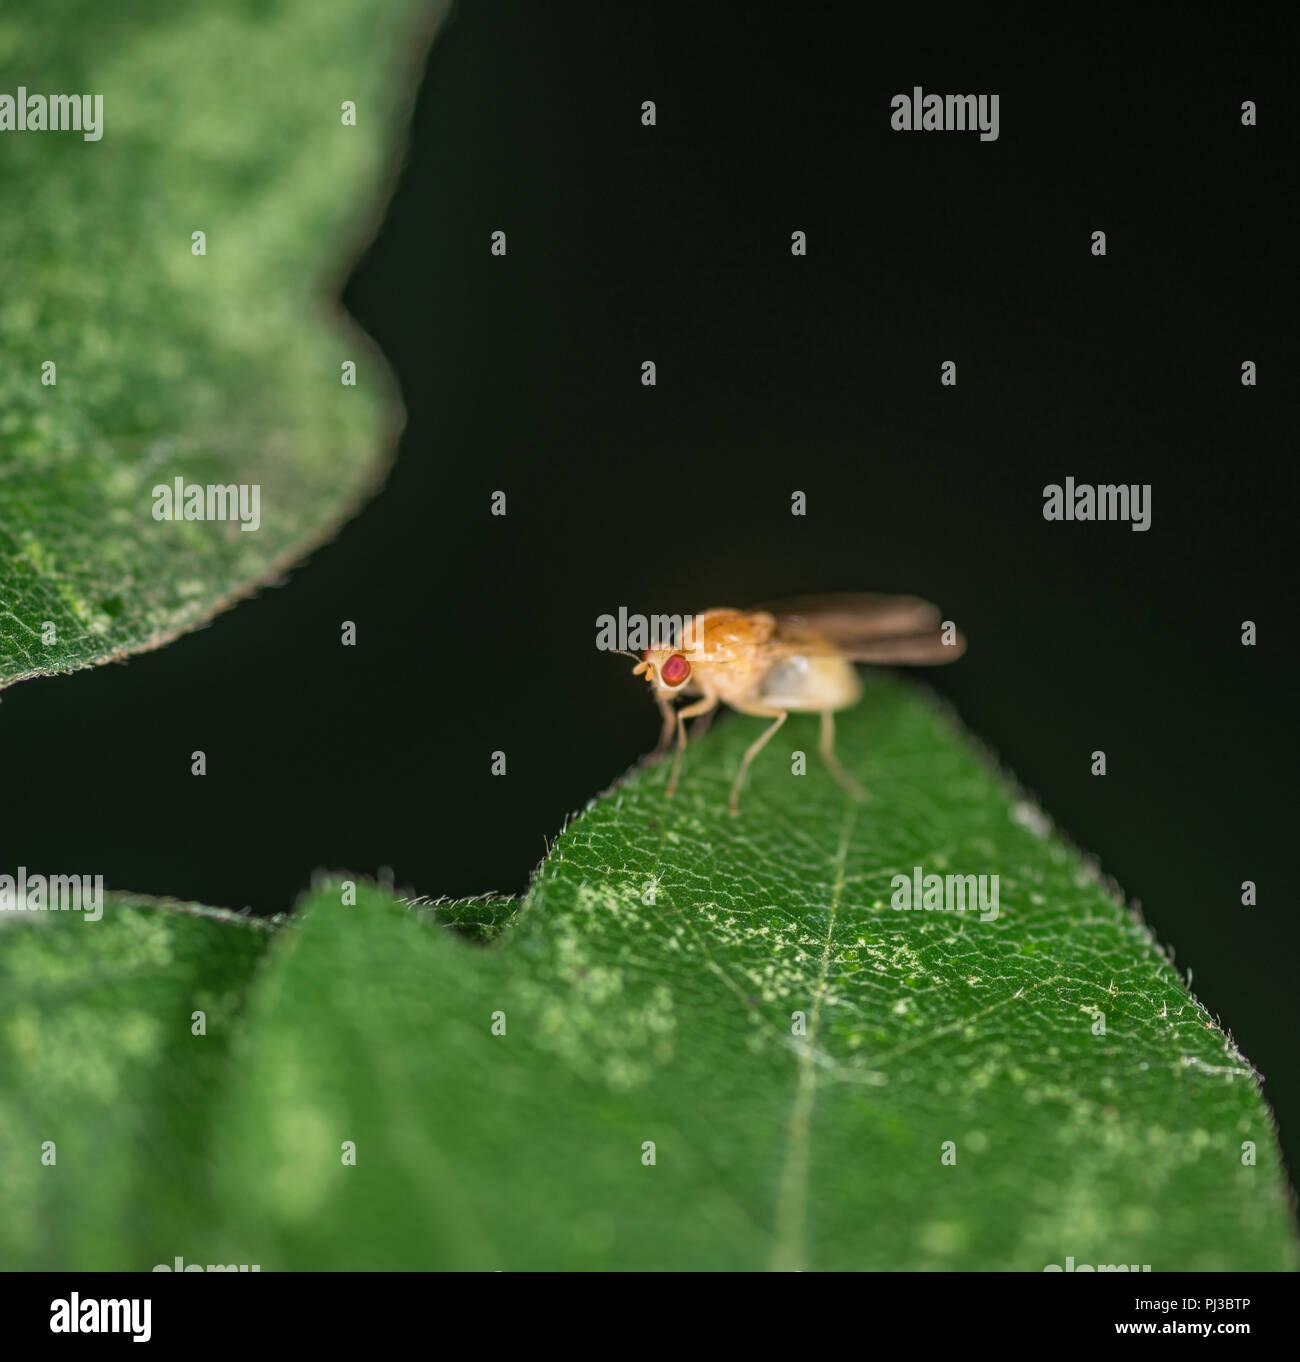 Mosca della frutta seduto sul bordo di una foglia verde Foto Stock